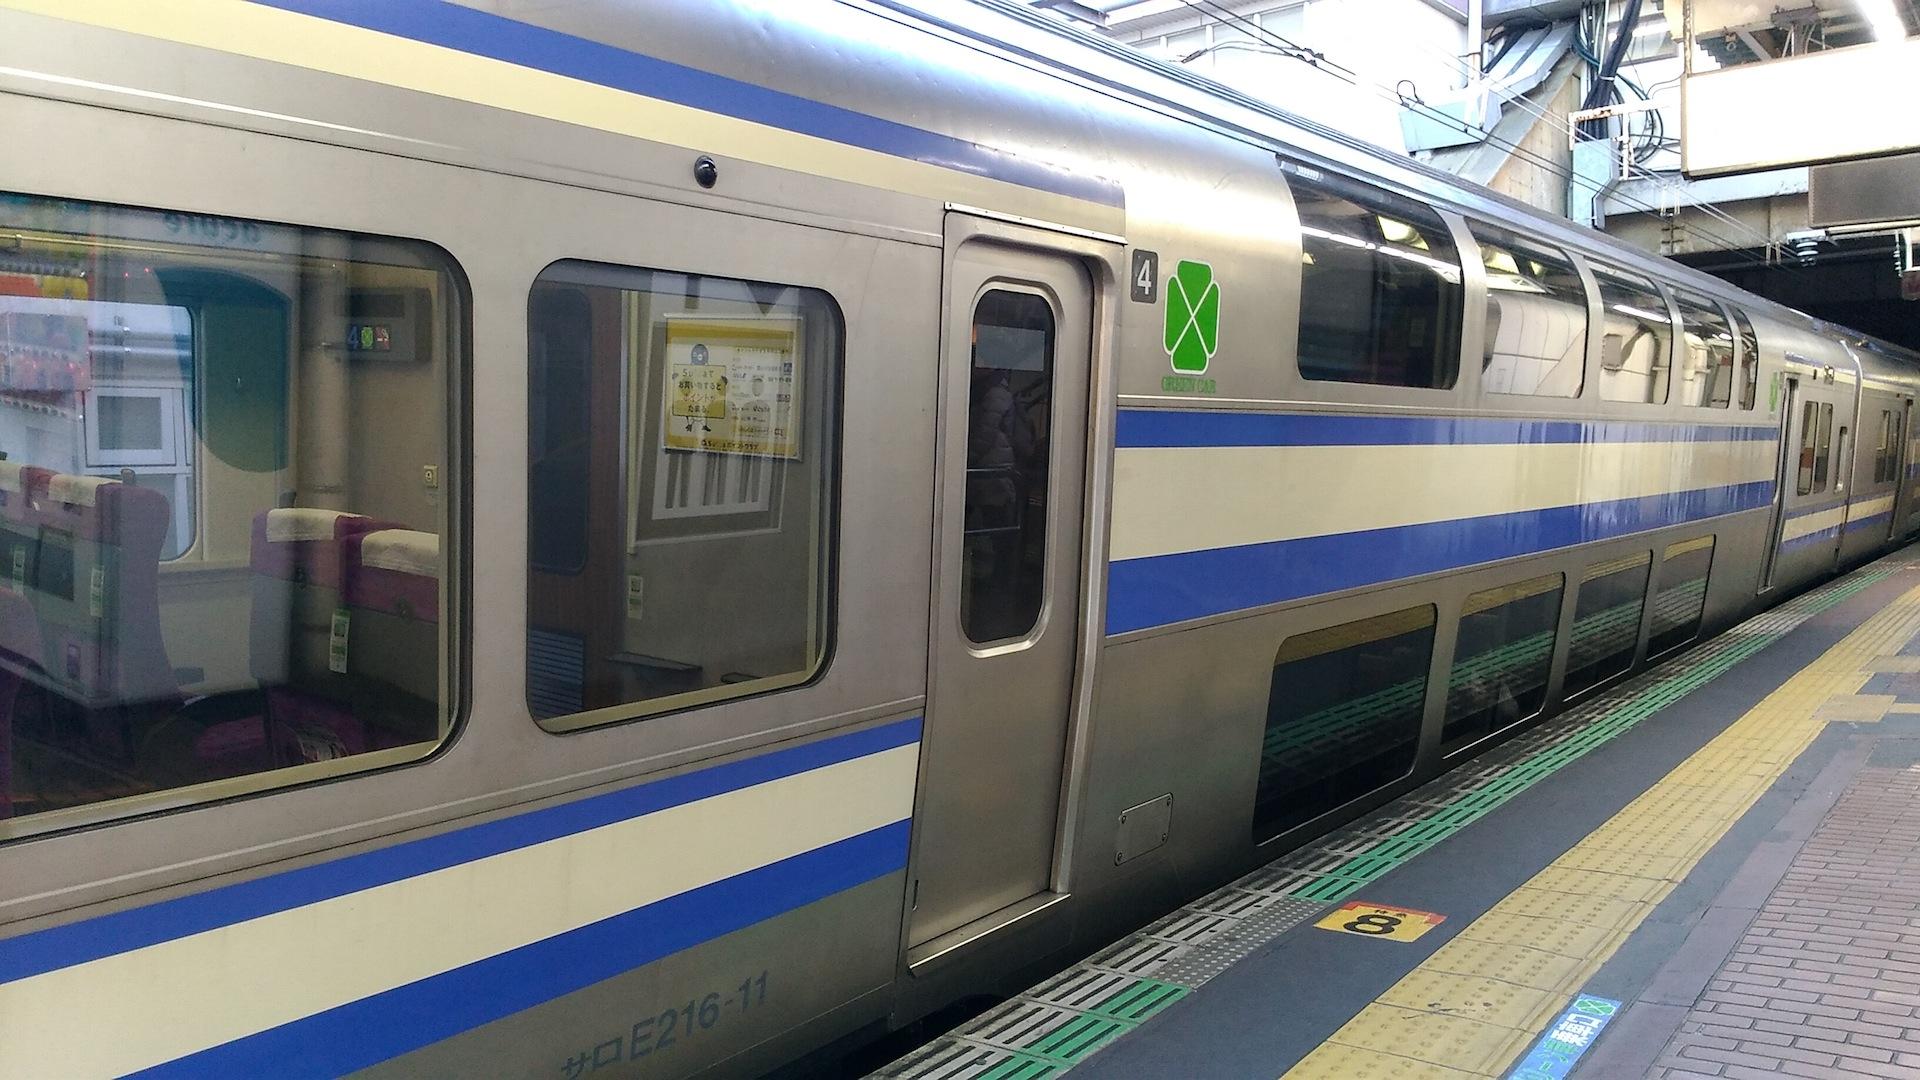 小田原ー東京間の新幹線定期券を持っています。た …